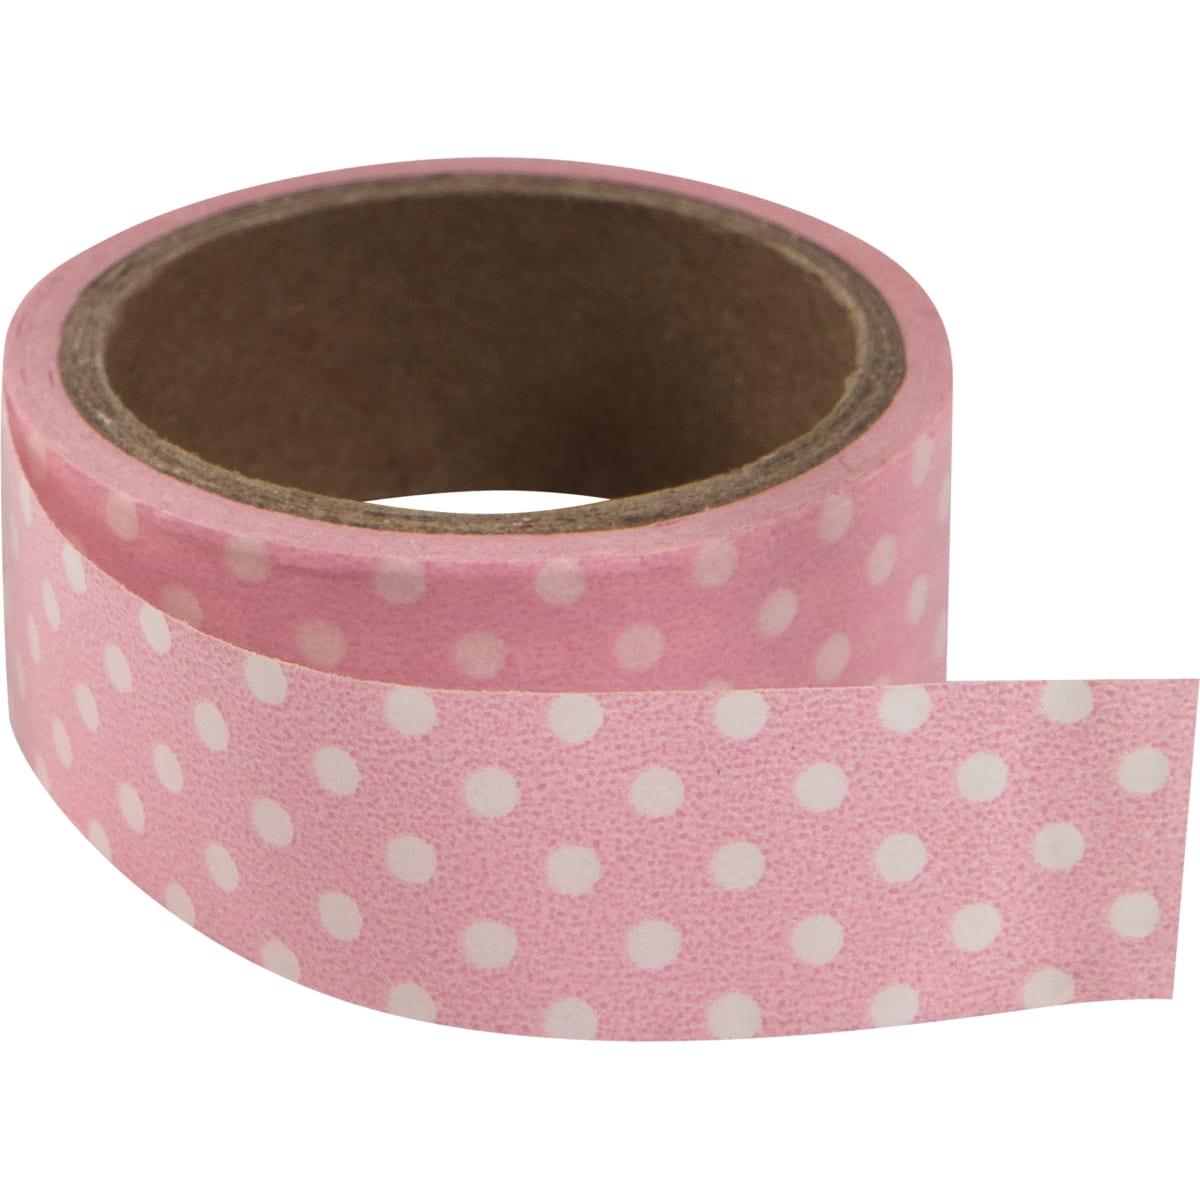 Лента самоклеющаяся «Горошек на розовом» 1.5 см x 4 м